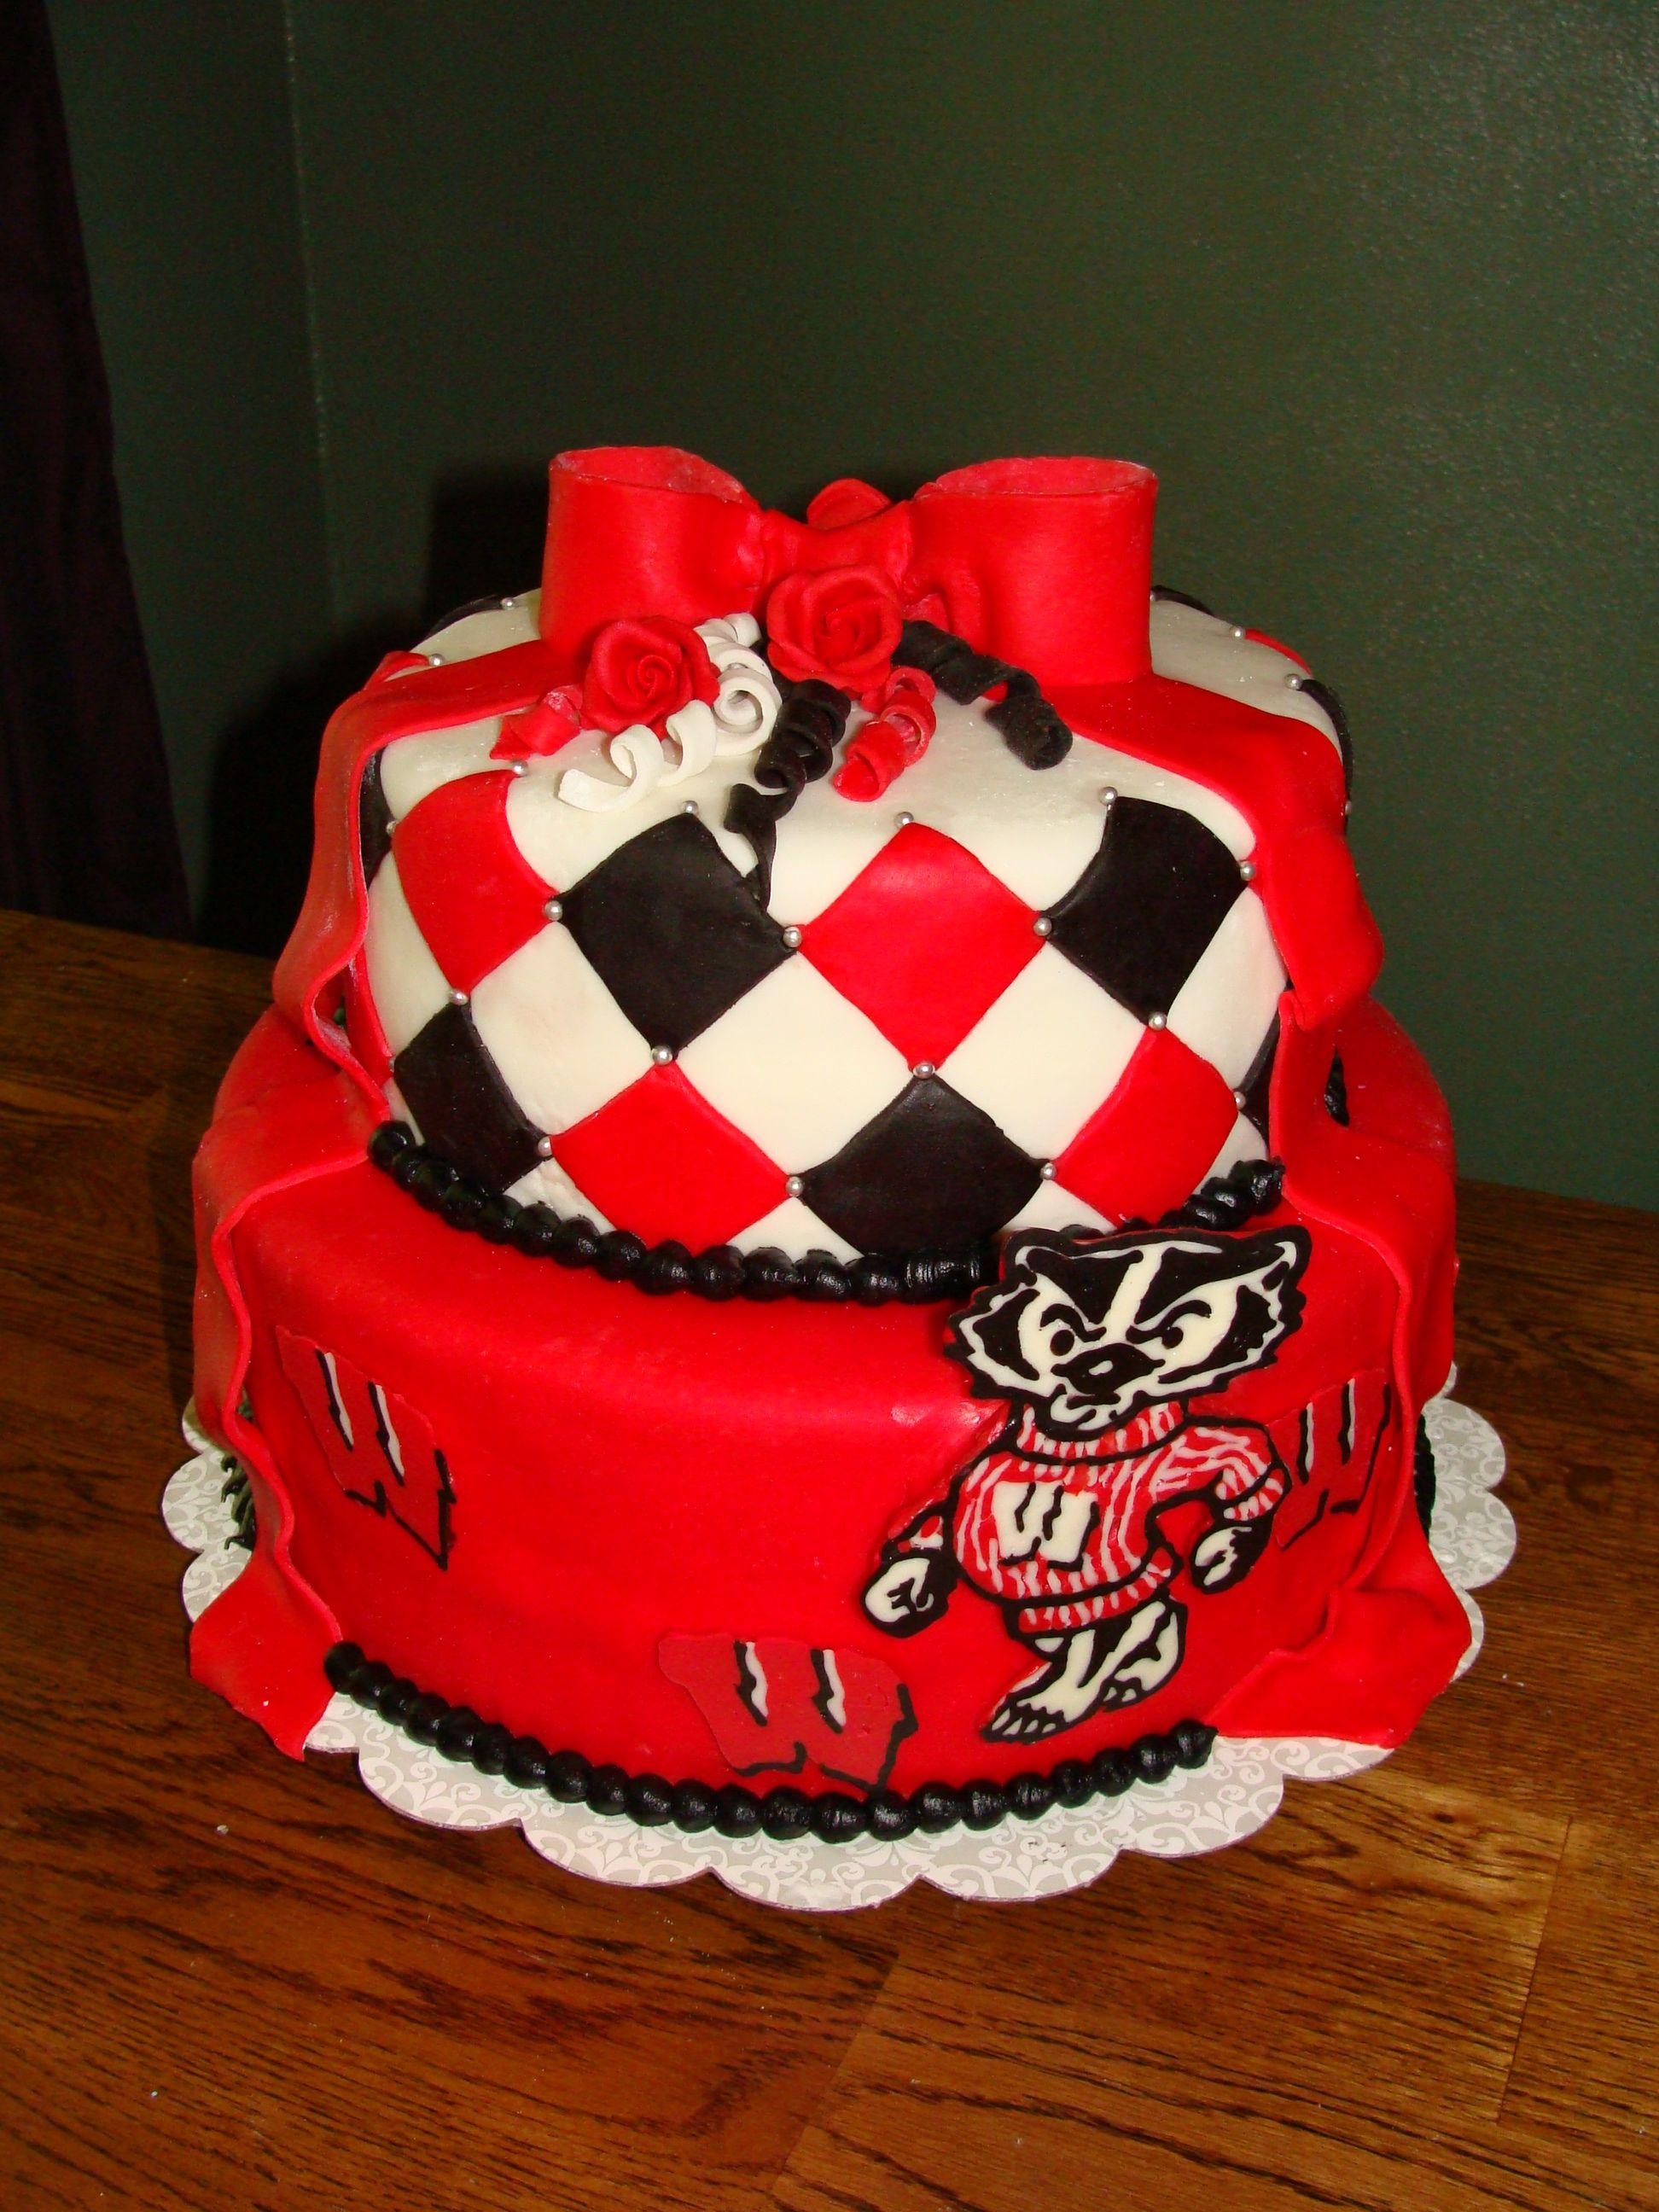 Wisconsin Badgers Cake Cake Decorating Community Cakes We Bake